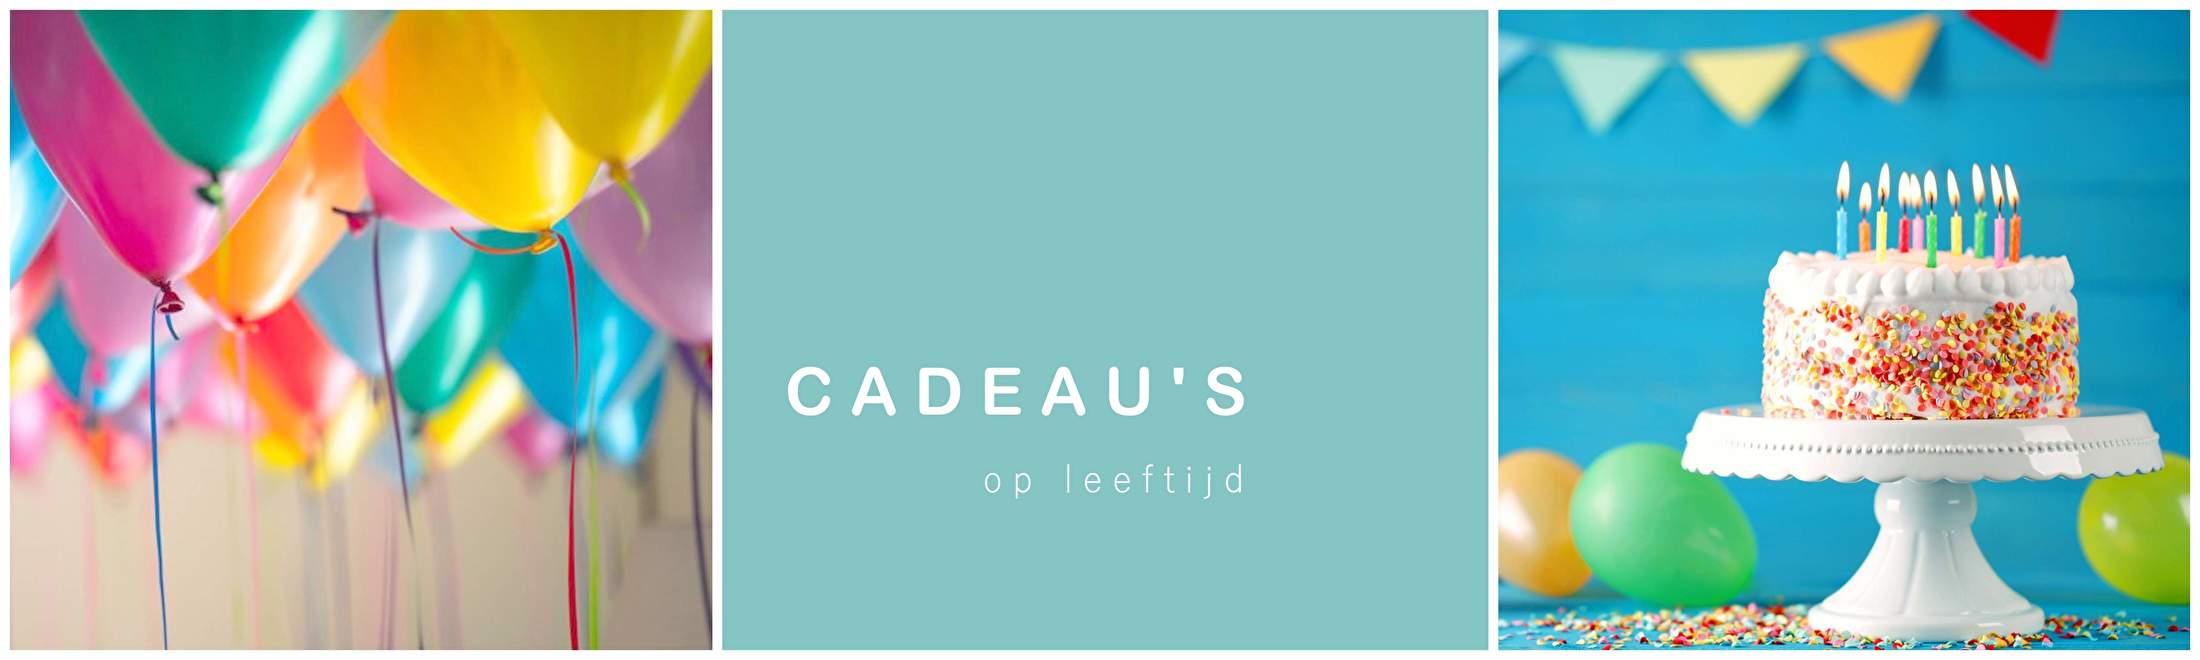 CADEAU'S